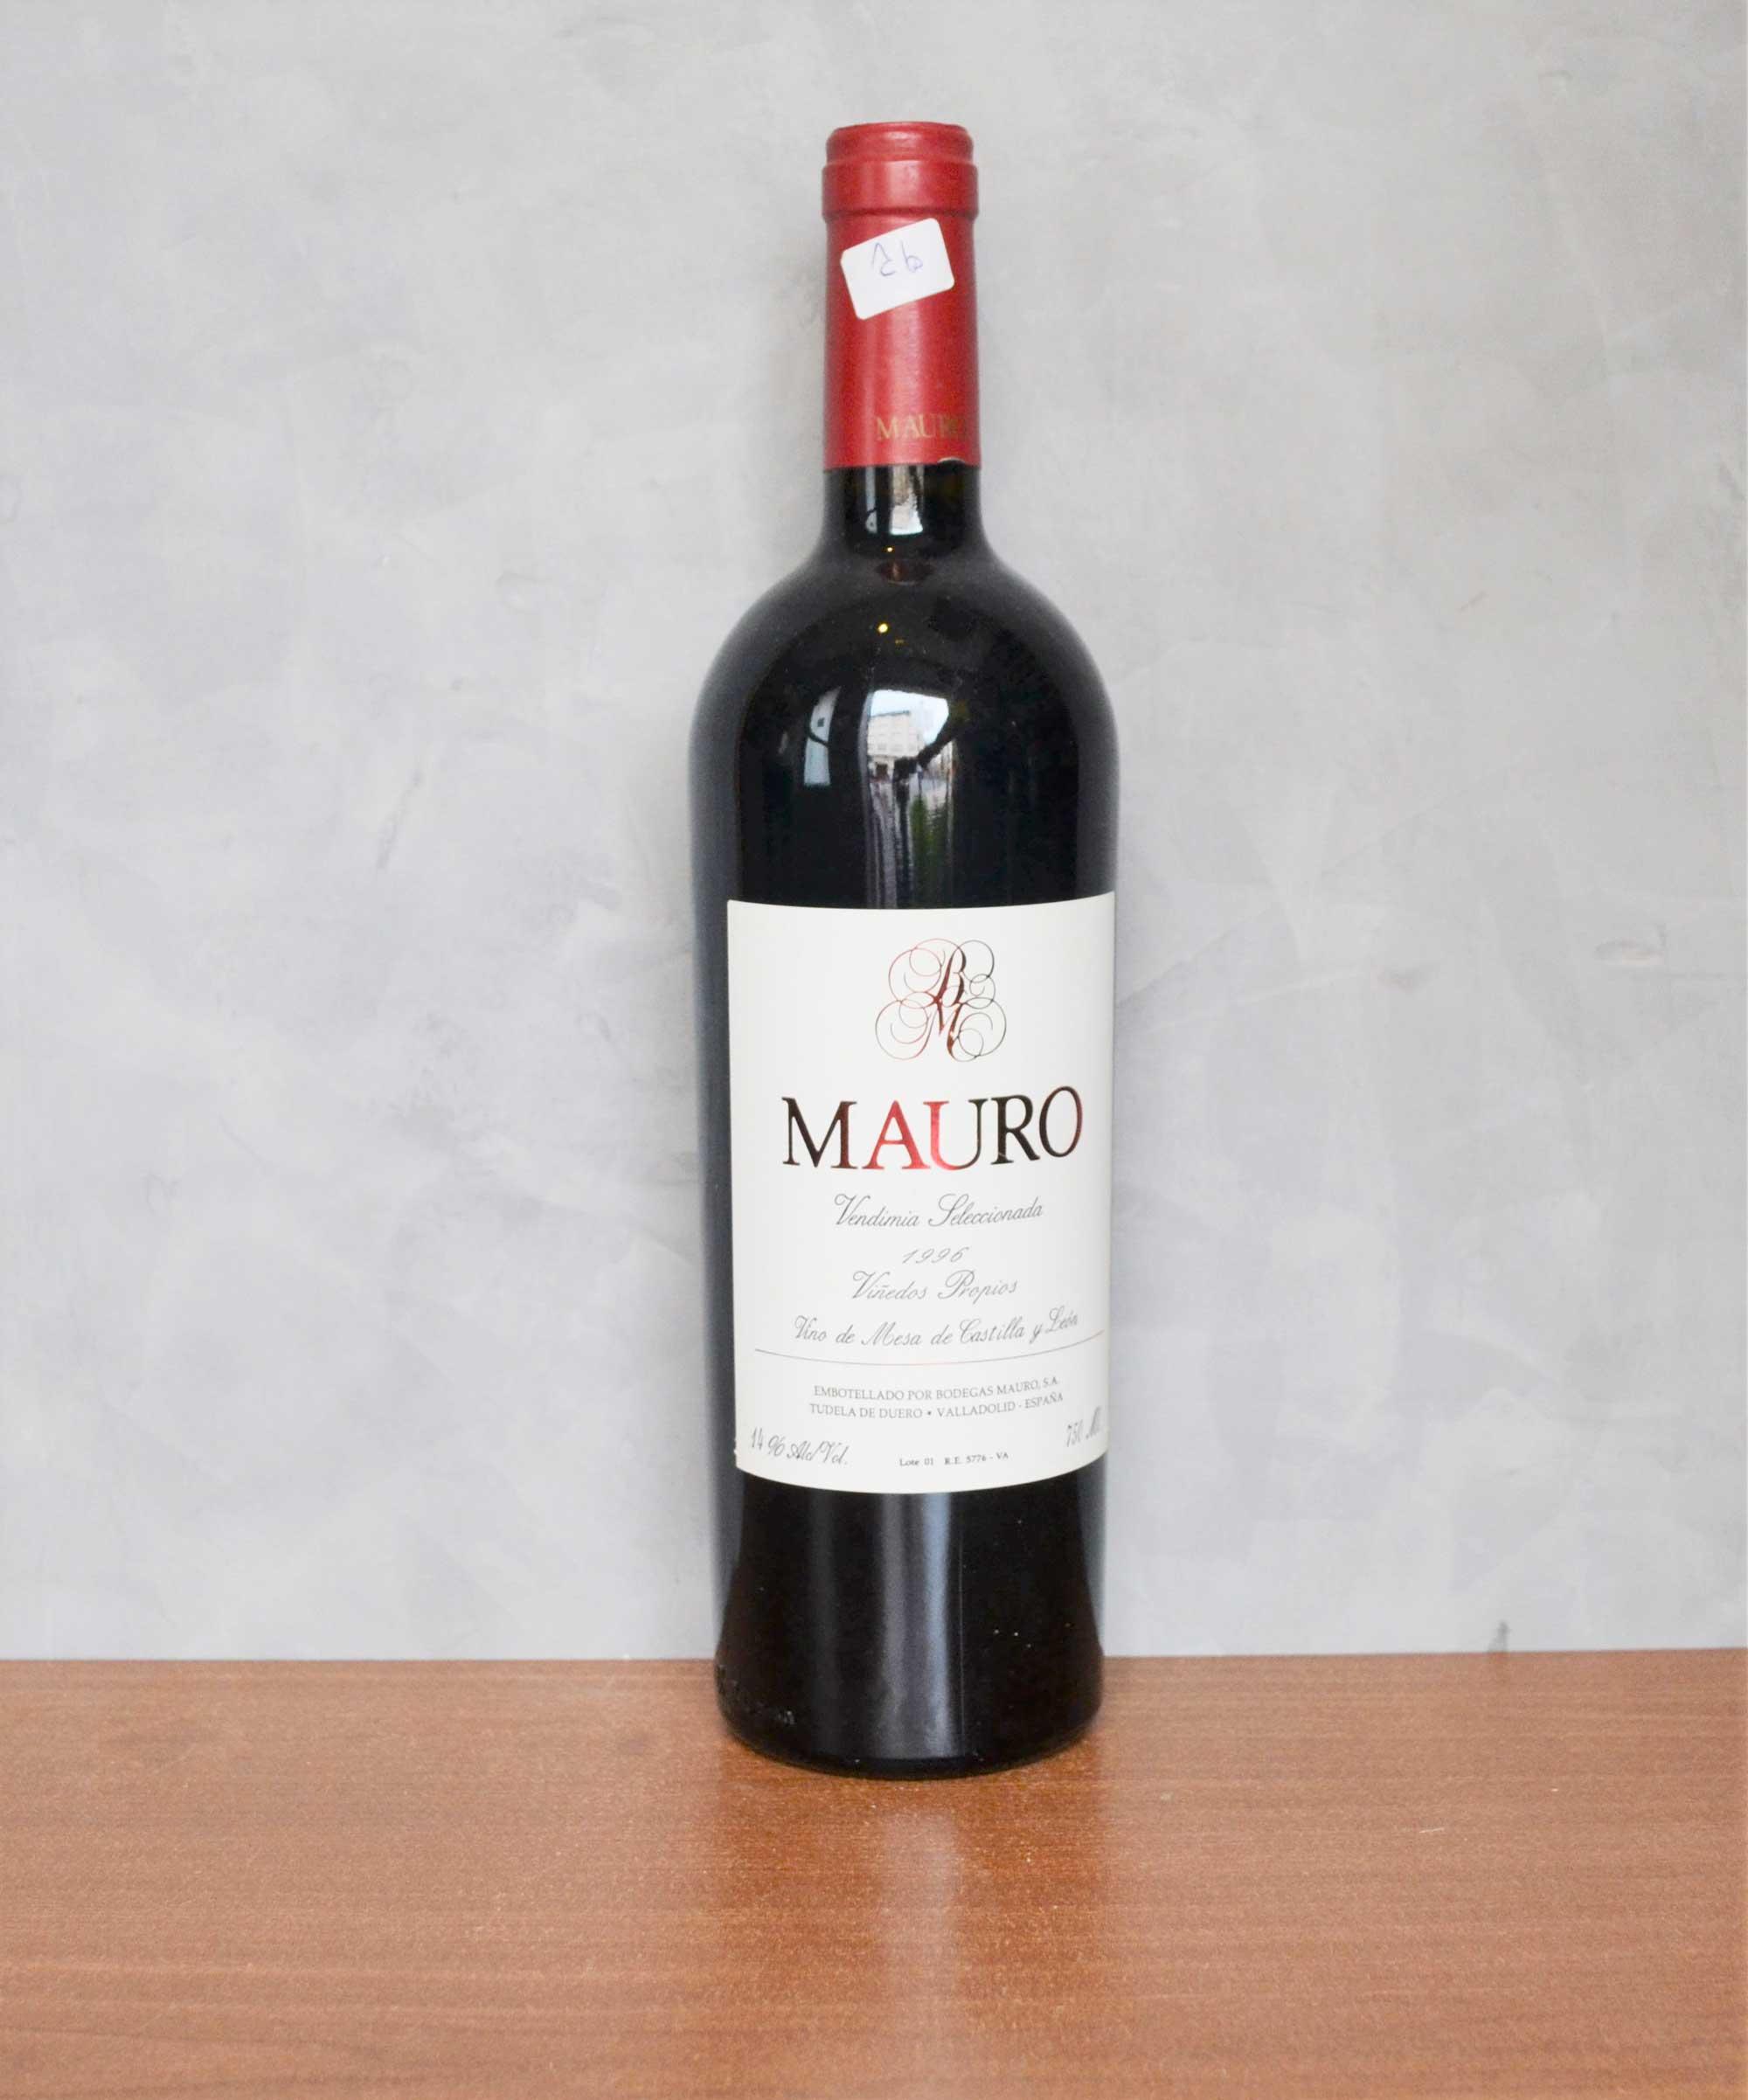 Mauro Vendimia seleccionada 1999